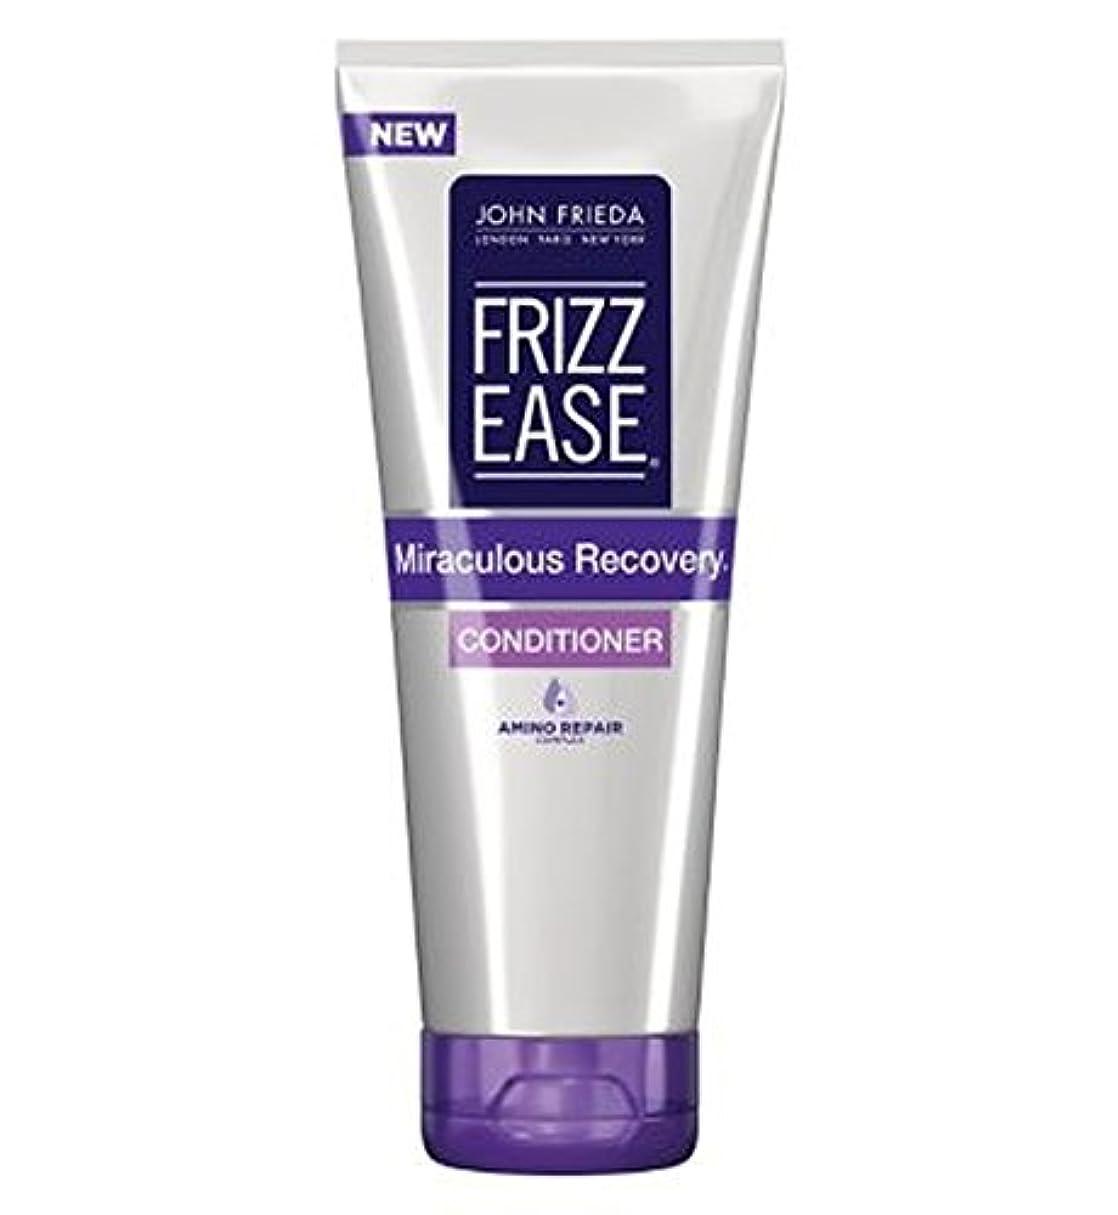 死んでいる観光債権者ジョン?フリーダ縮れ容易奇跡的な回復コンディショナー250Ml (John Frieda) (x2) - John Frieda Frizz Ease Miraculous Recovery Conditioner 250ml...